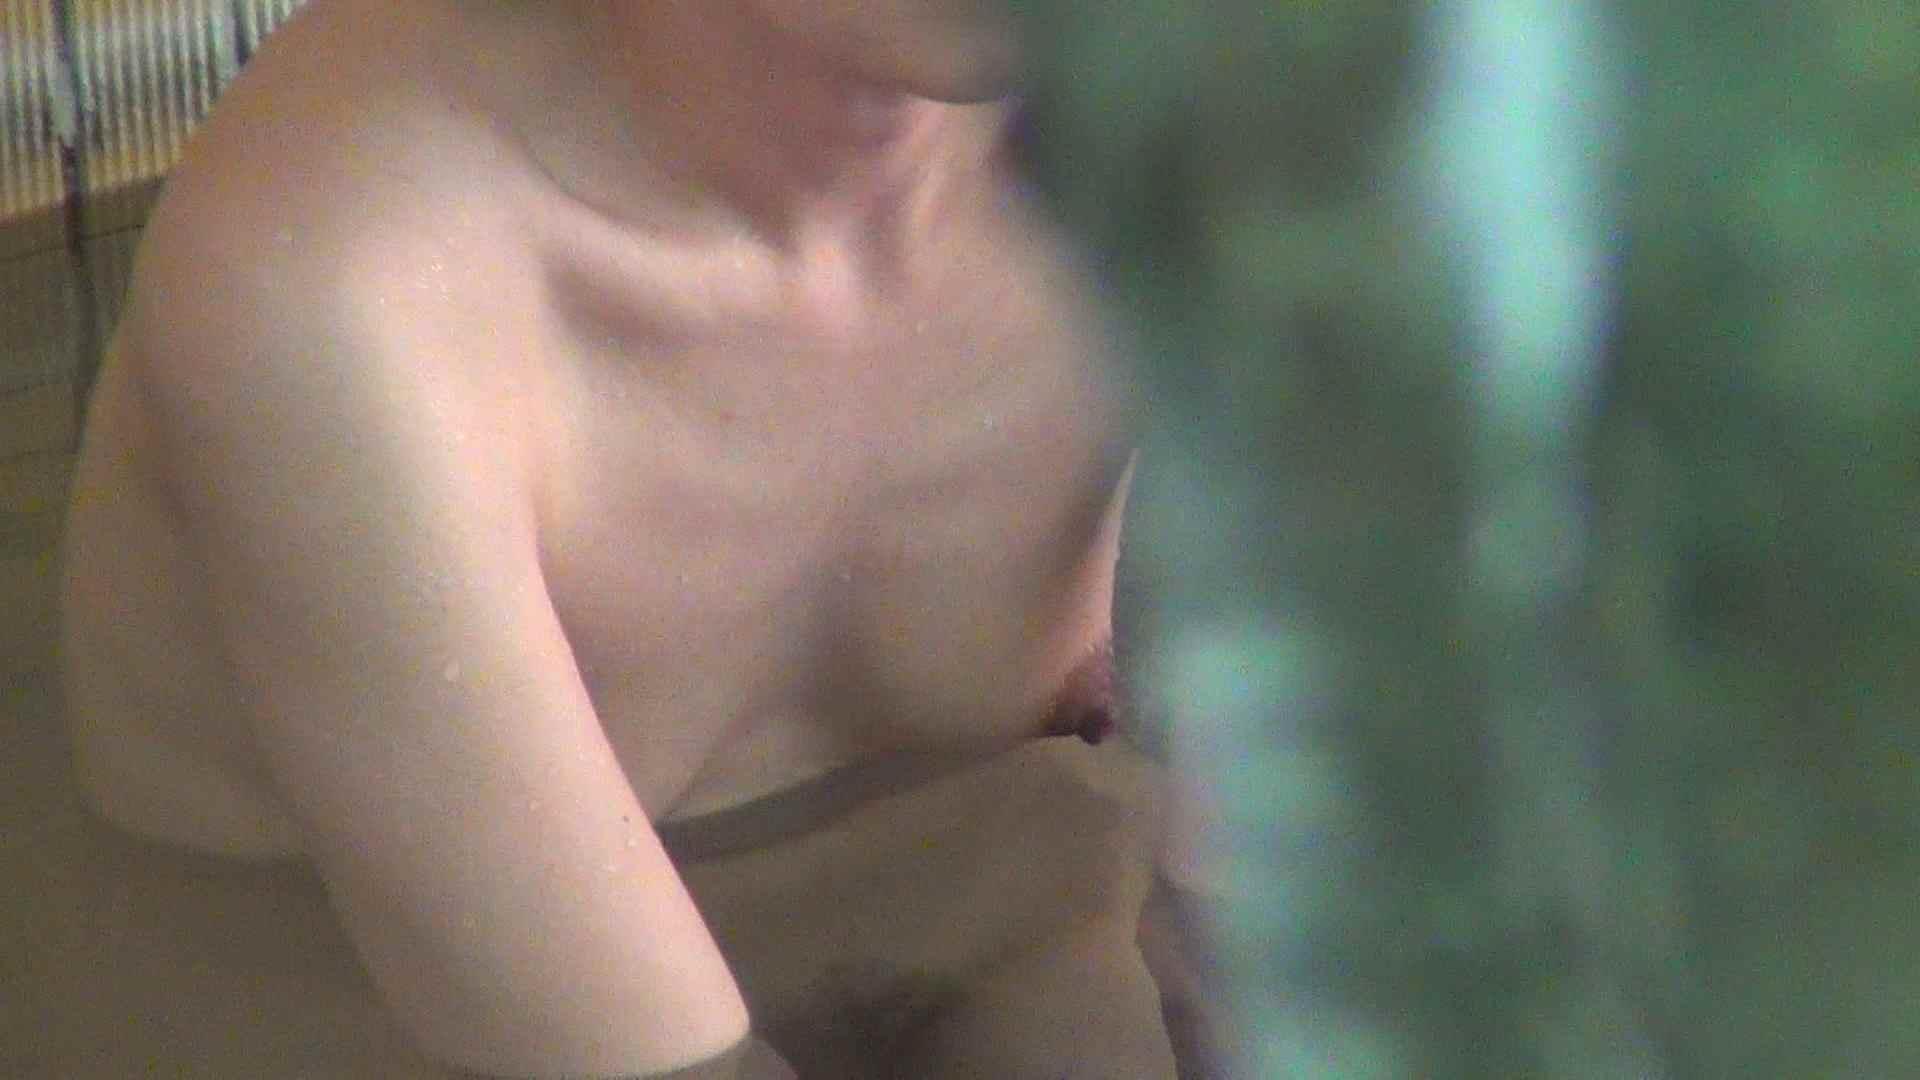 Vol.76 吸われ続けた乳首に年齢を感じますが、引き締まった身体 OLのボディ   露天  94PIX 85